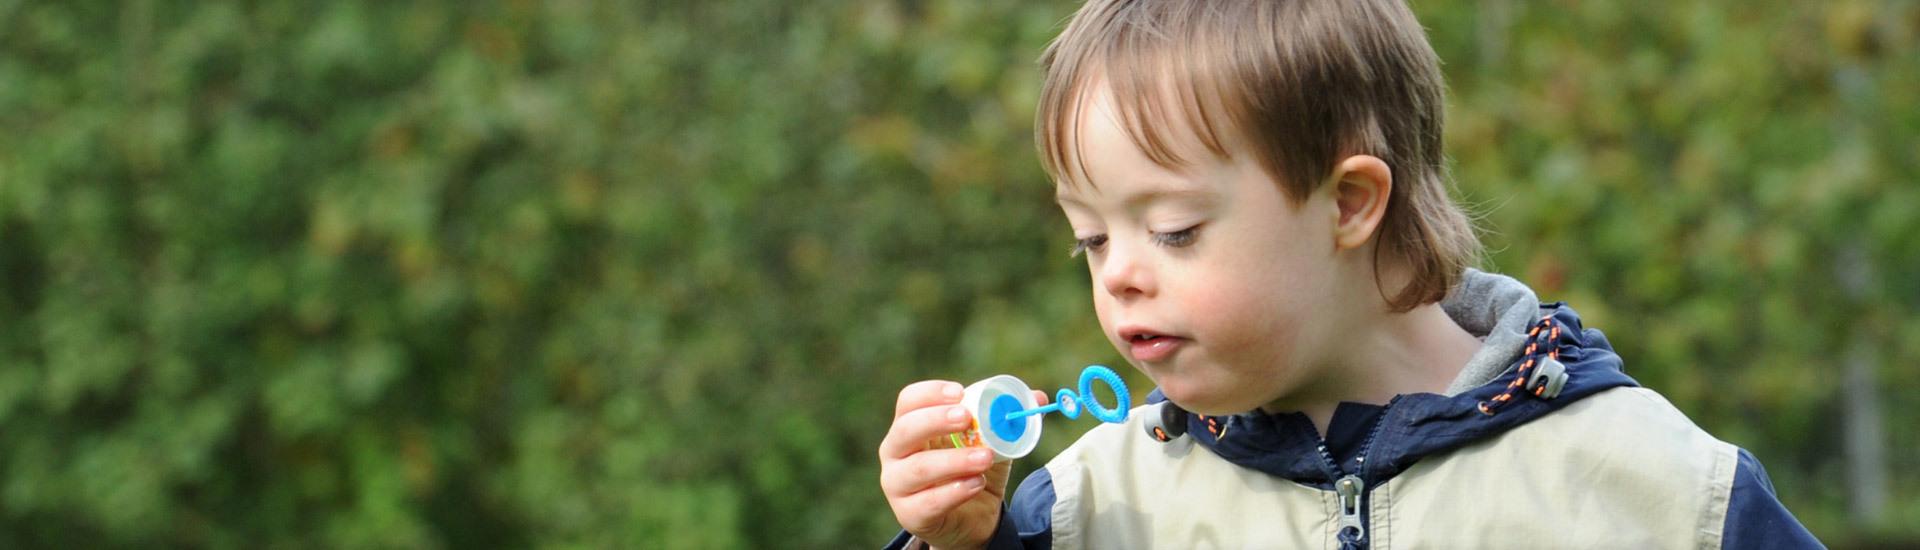 Kleiner Junge mit Seifenblasen